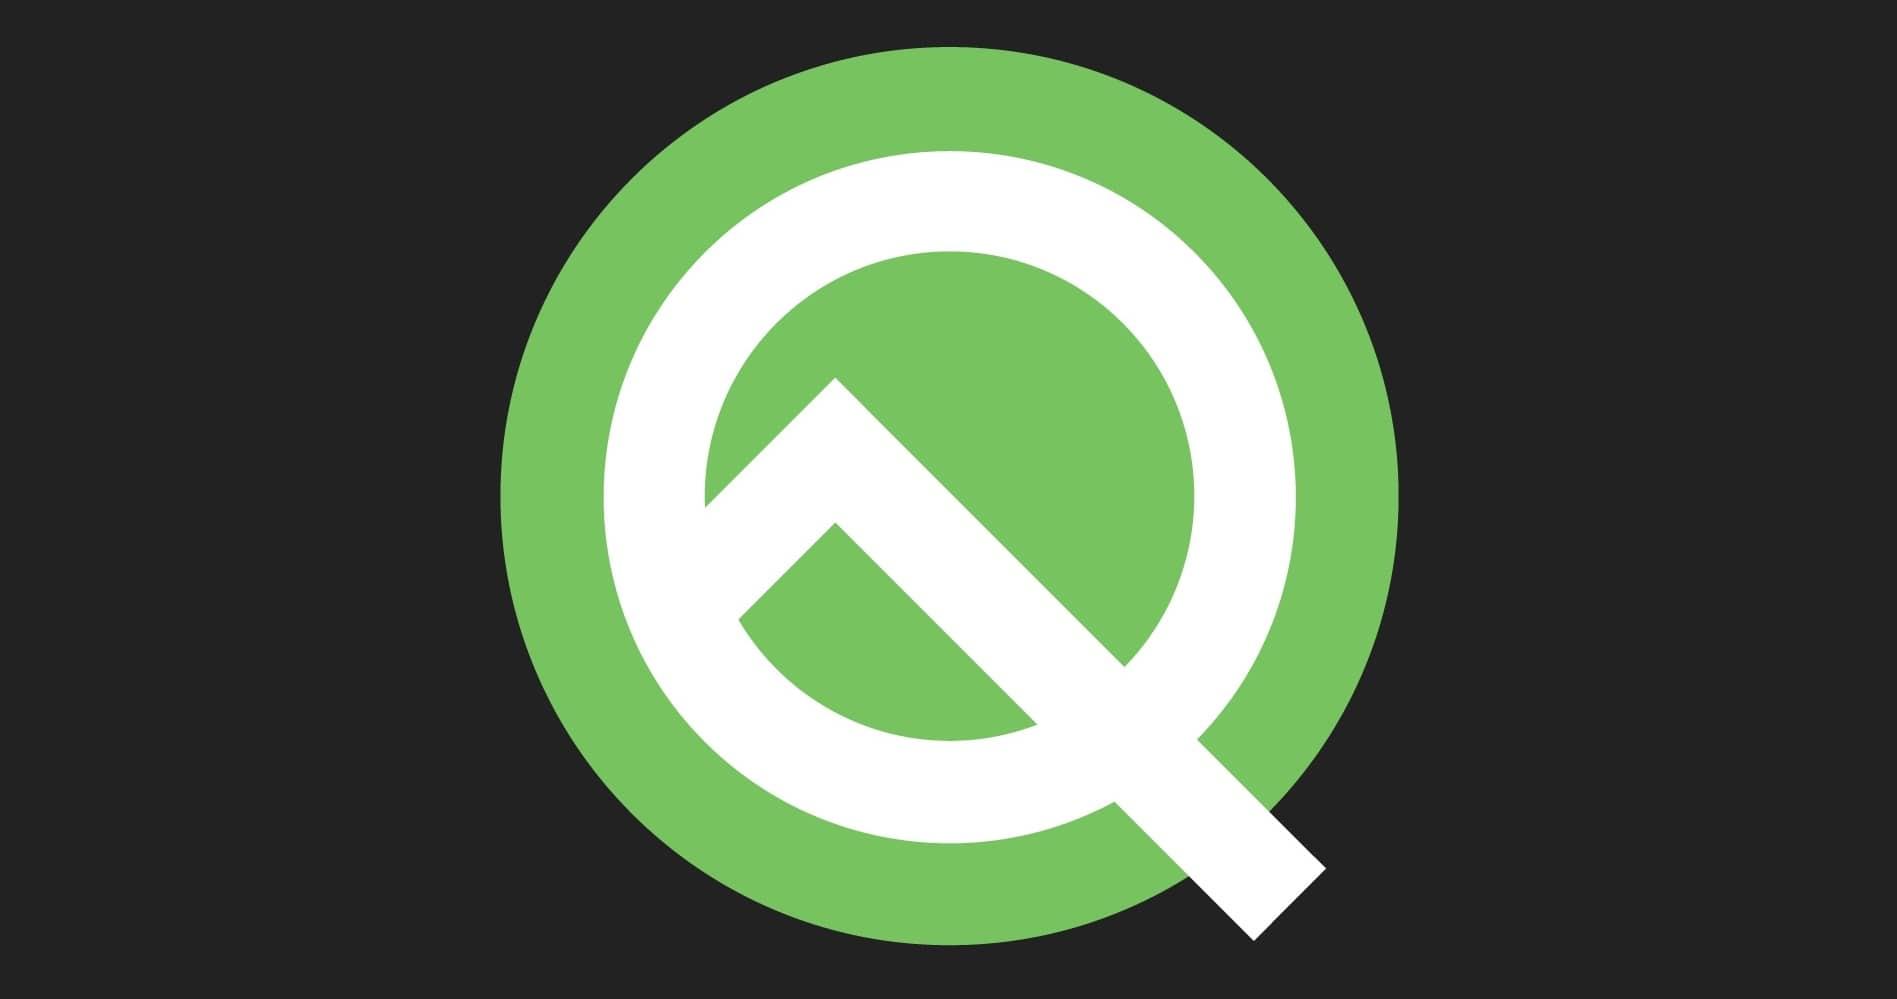 ทำความรู้จัก Dynamic System Updates ของใหม่ใน Android Q Beta - ทำความรู้จัก Dynamic System Updates ของใหม่ใน Android Q Beta